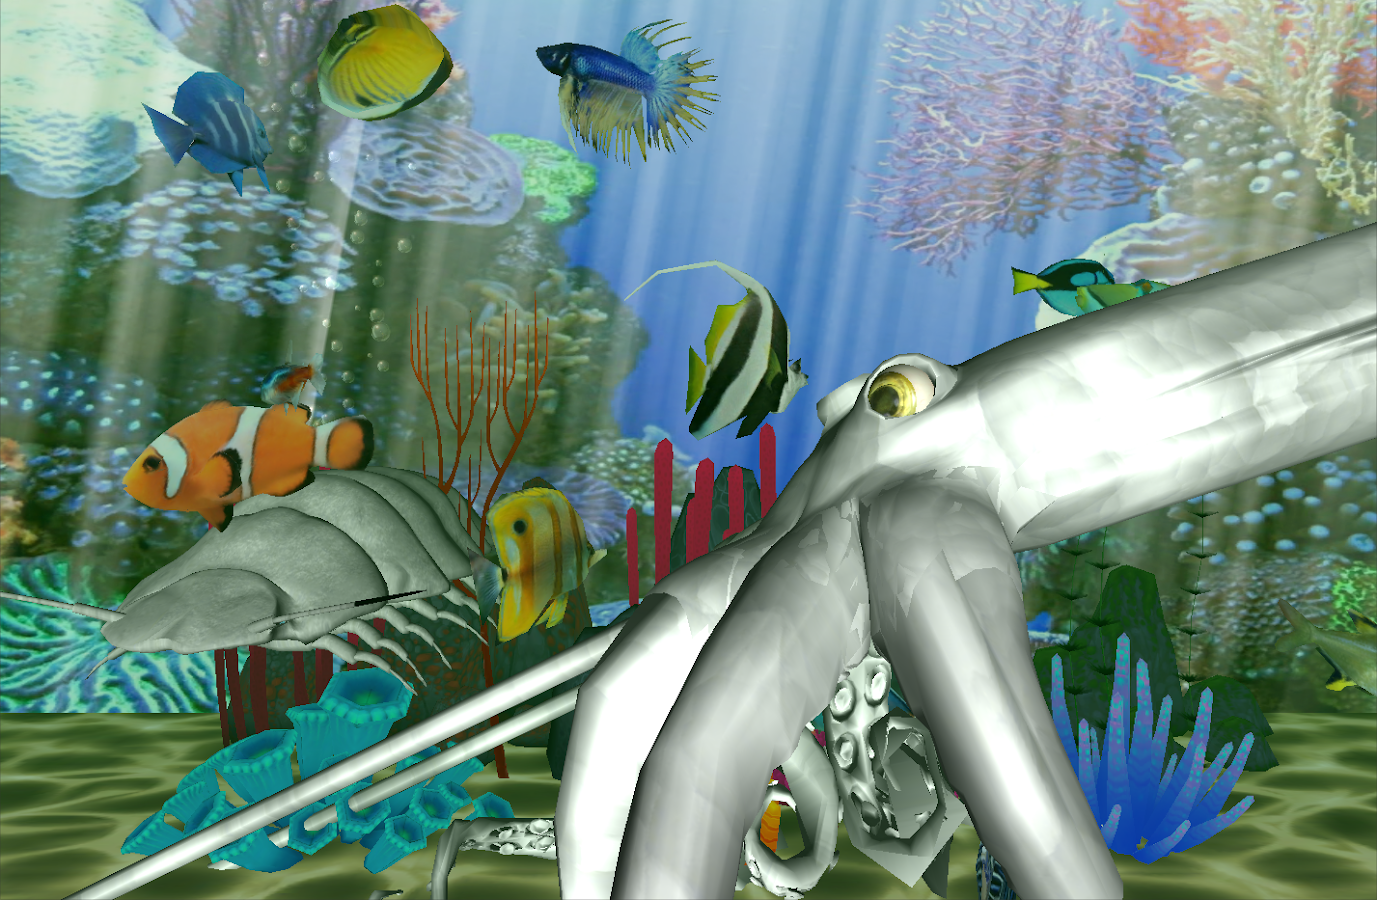 Virtual fish tank aquarium google - Aqualand 3d Fish Aquarium Screenshot